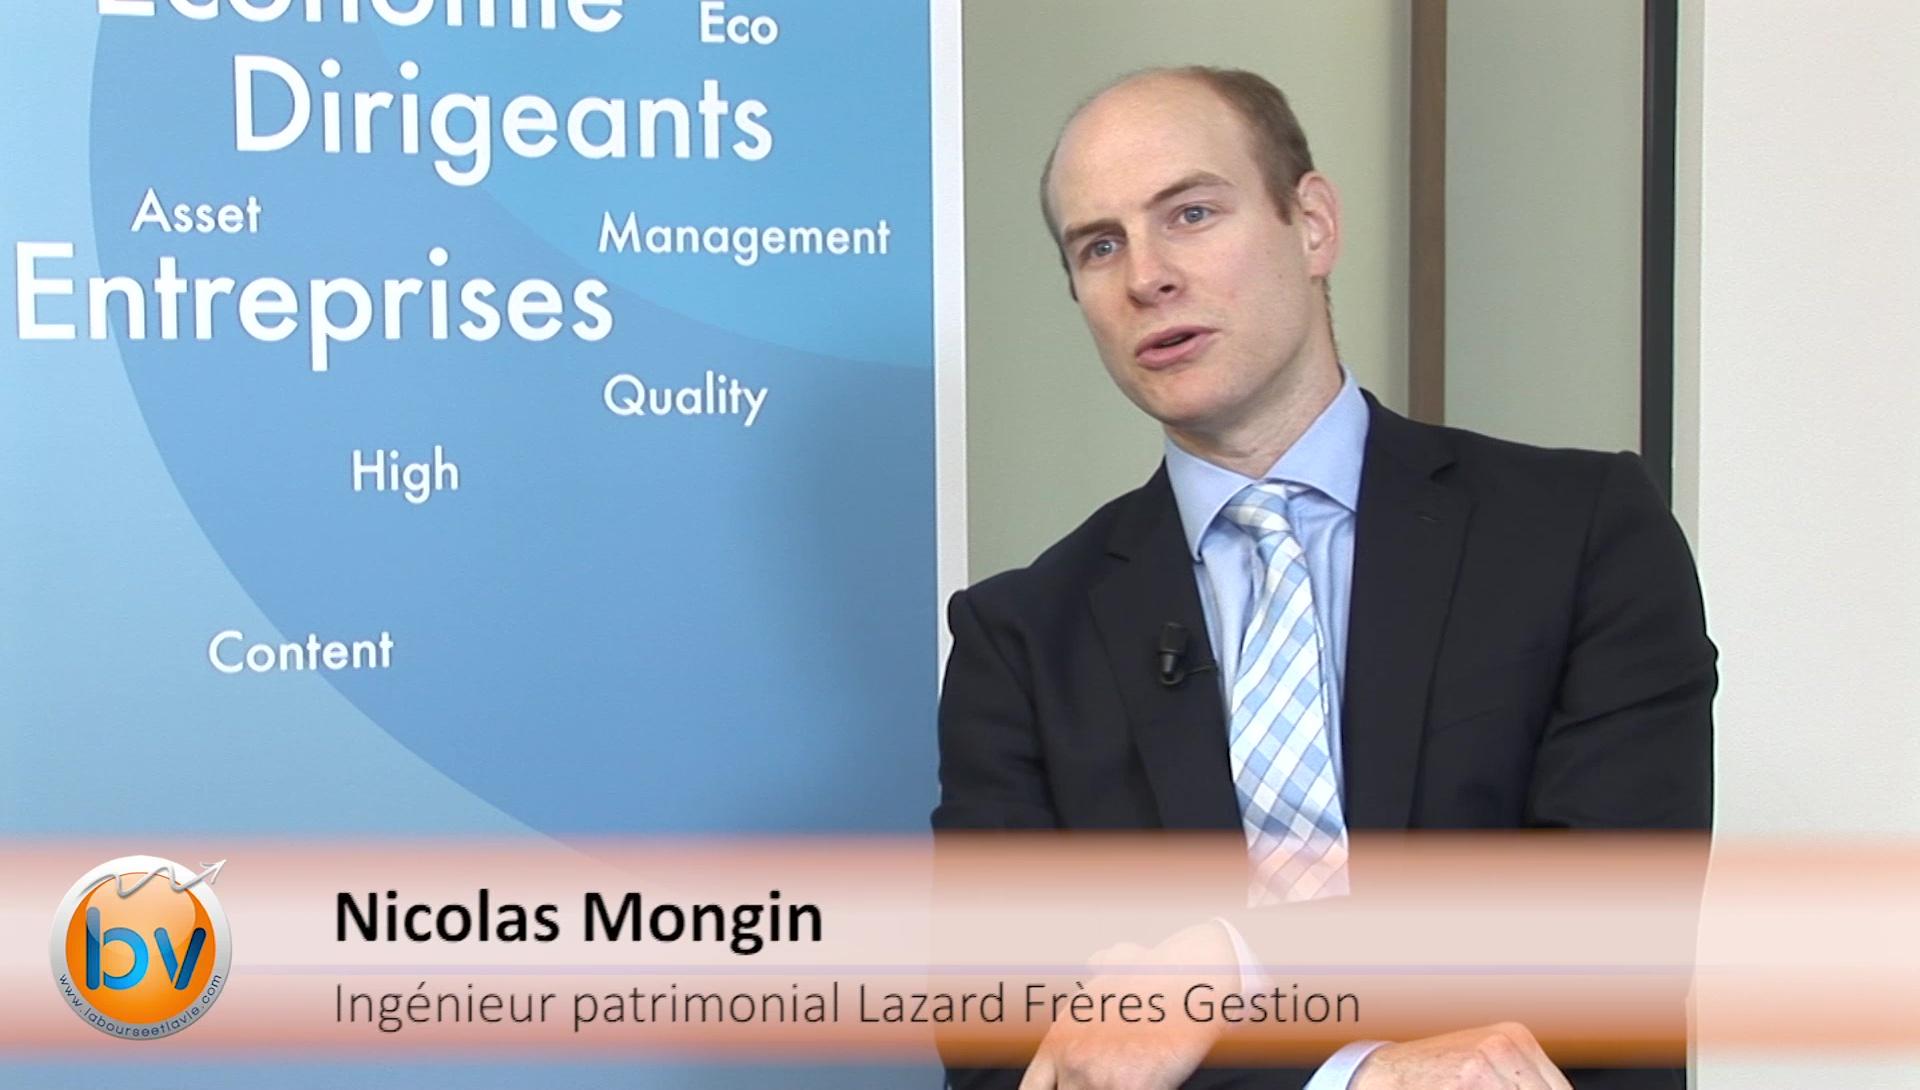 """Nicolas Mongin Ingénieur patrimonial Lazard Frères Gestion : """"Avoir une vision globale des choses"""""""